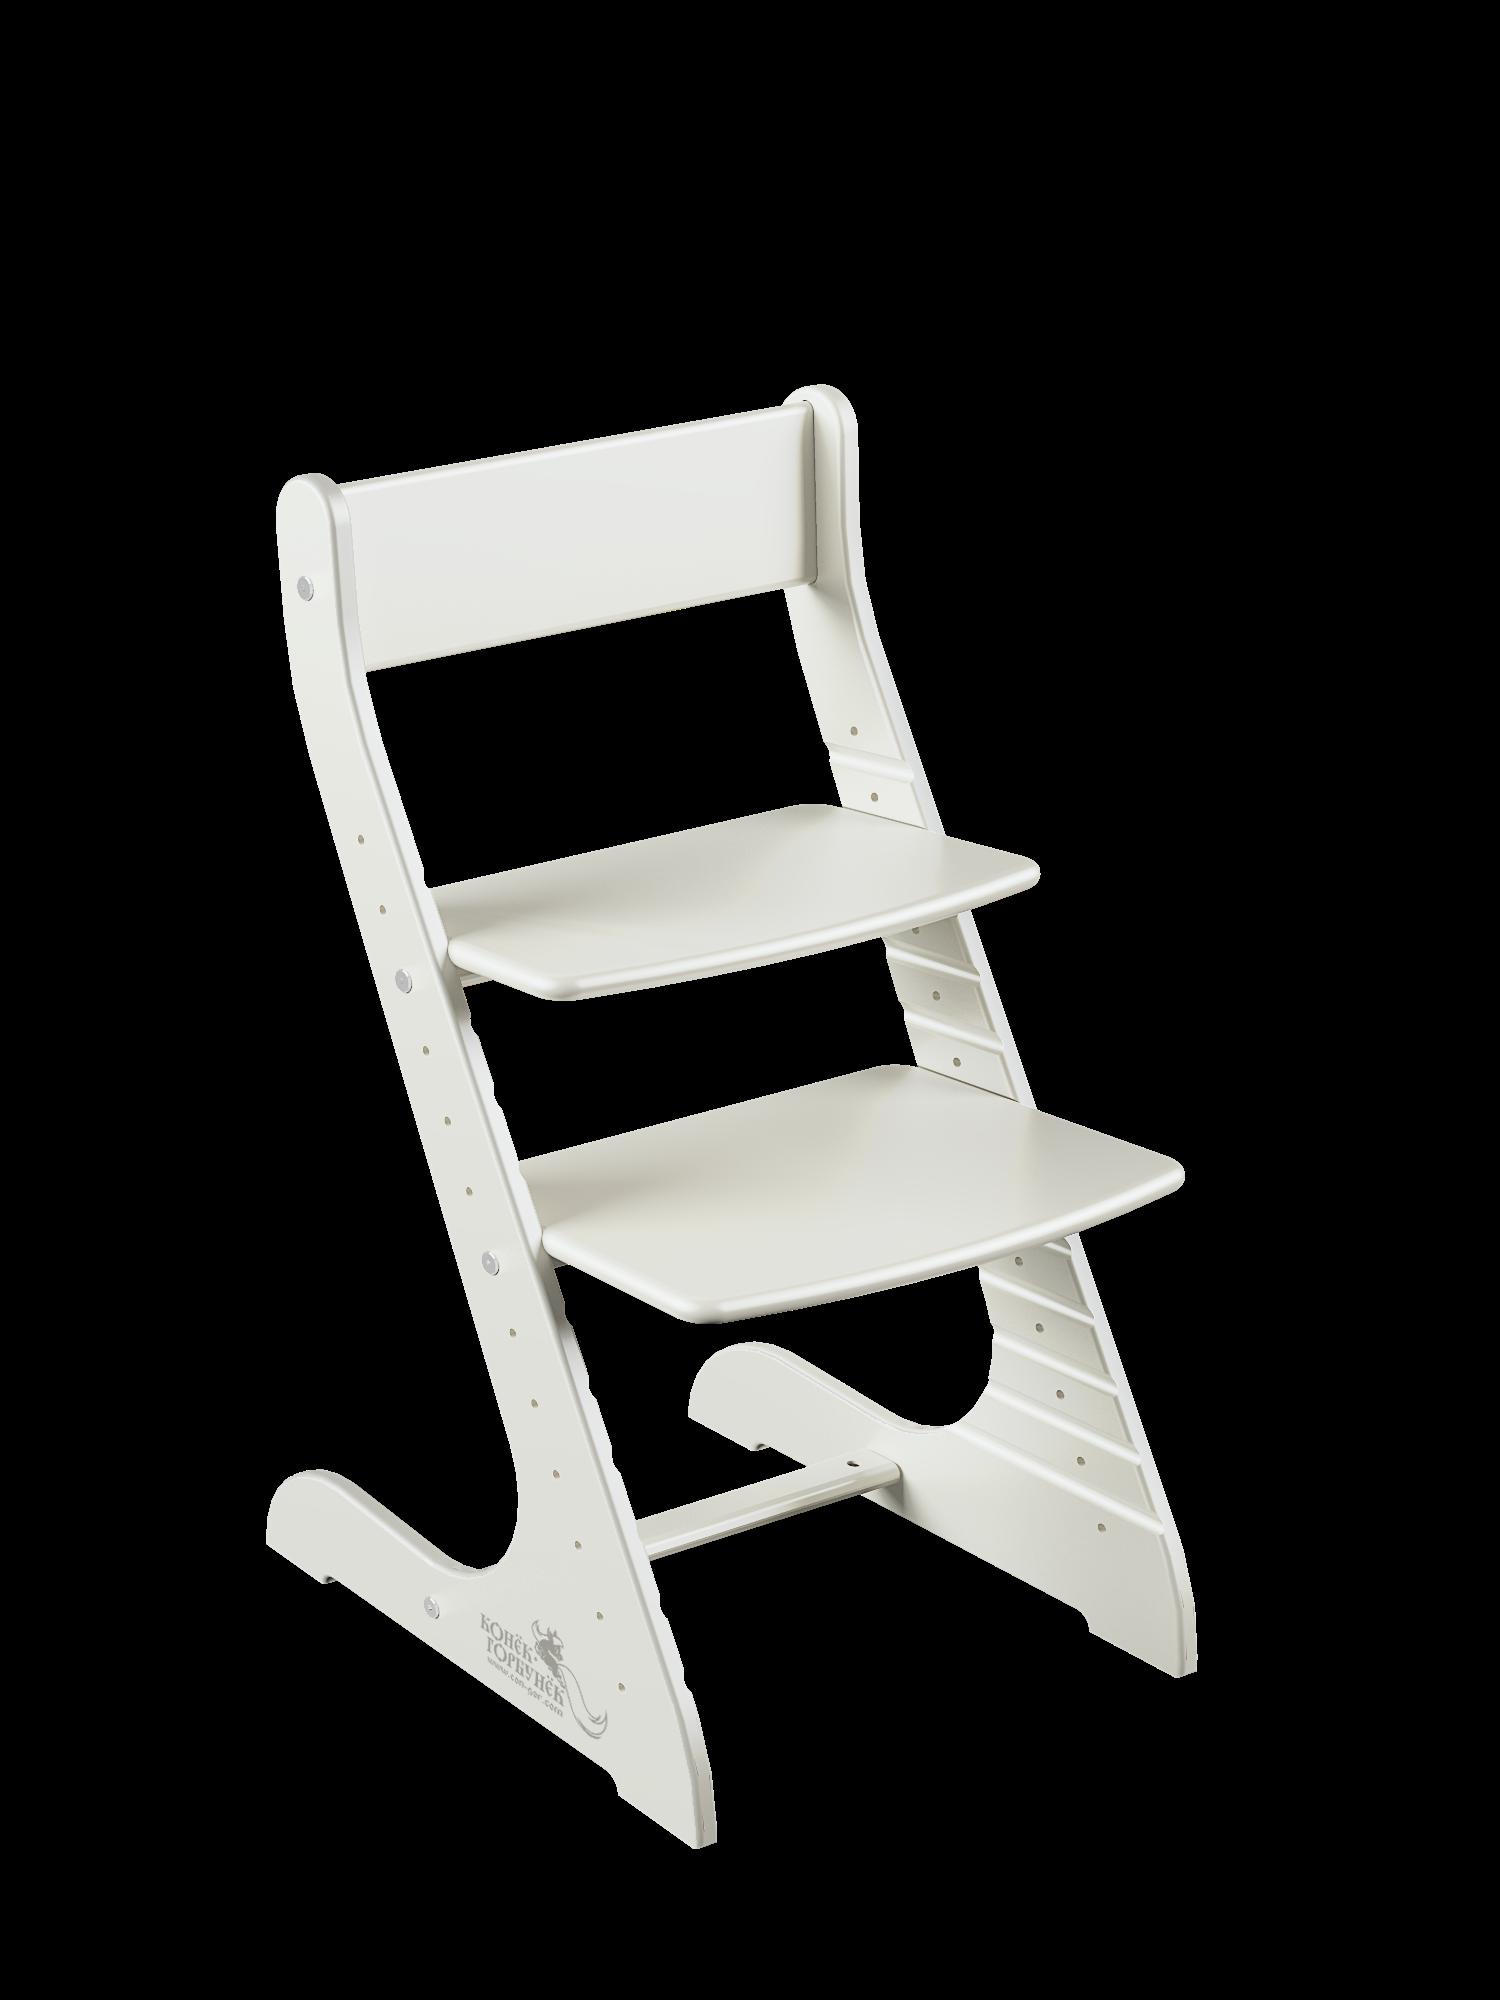 Купить Детский растущий стул Конёк Горбунёк Стандарт, цвет Слоновая кость, Конек Горбунек,